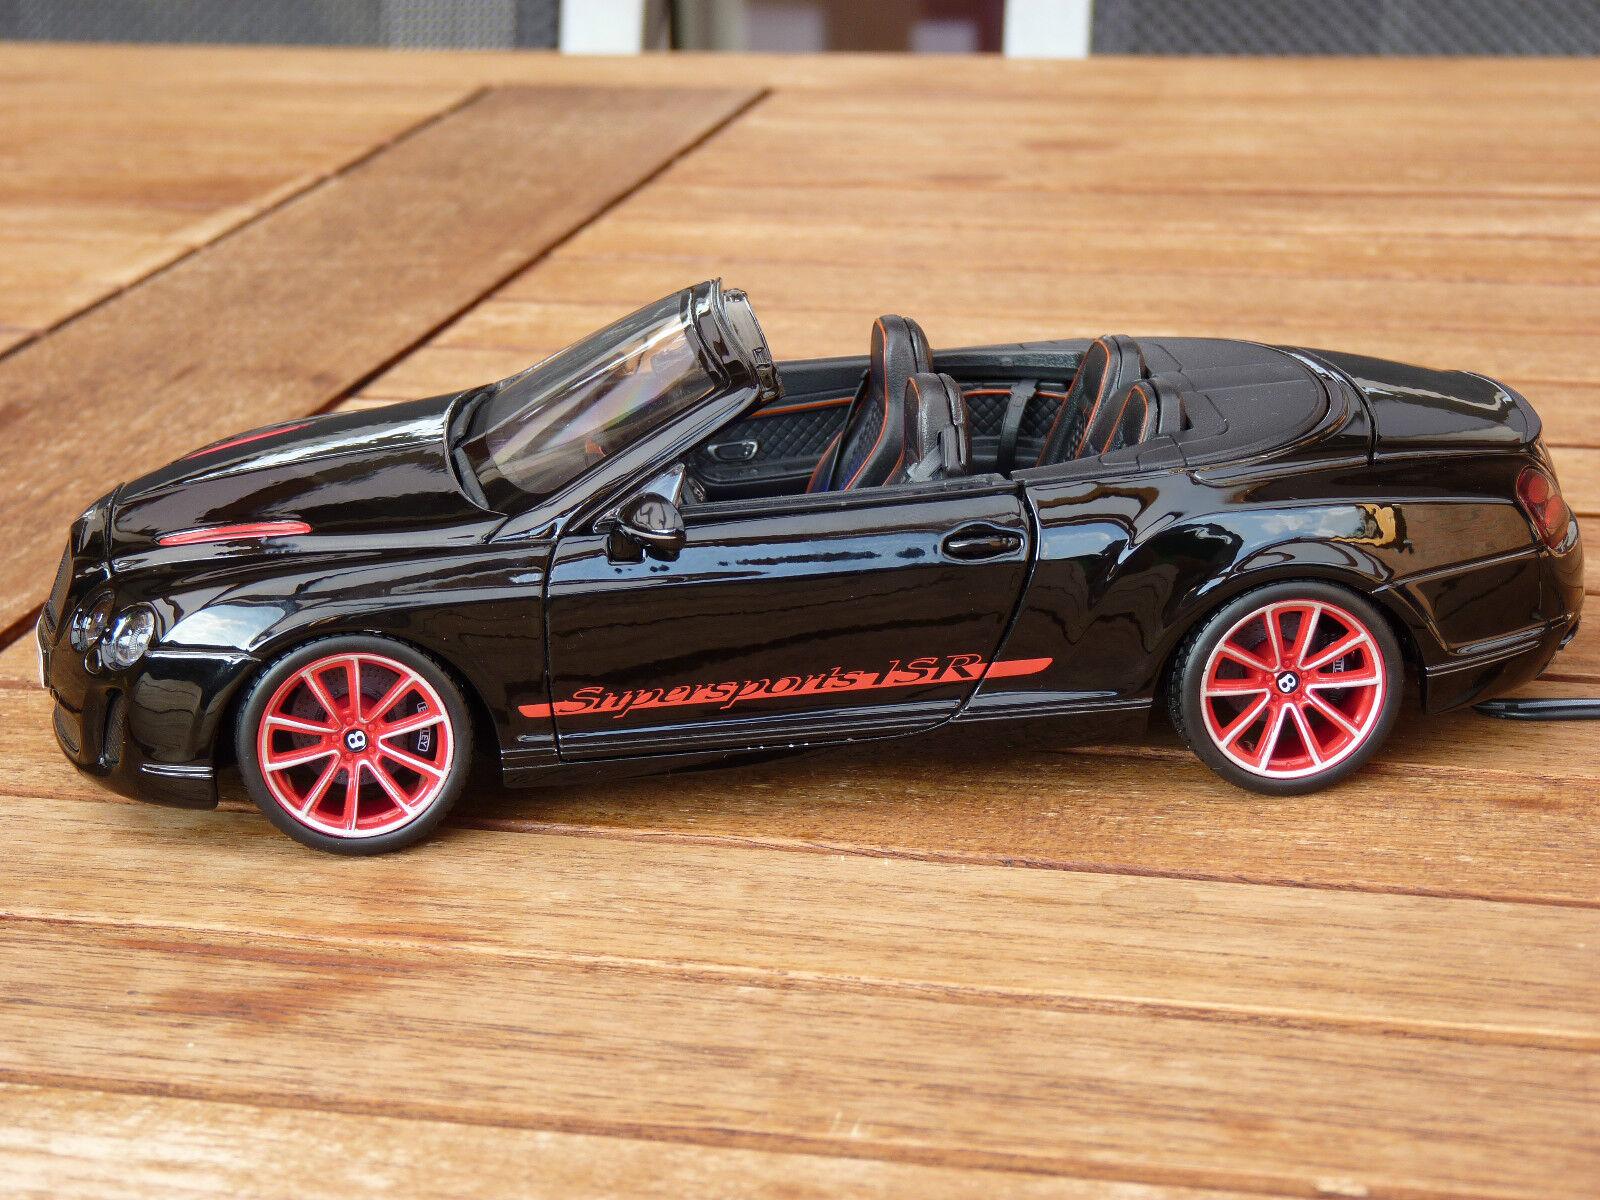 Bentley Continental Super puertos isr con iluminación LED LED LED (Xenon) 1 18 negro 9be7a9